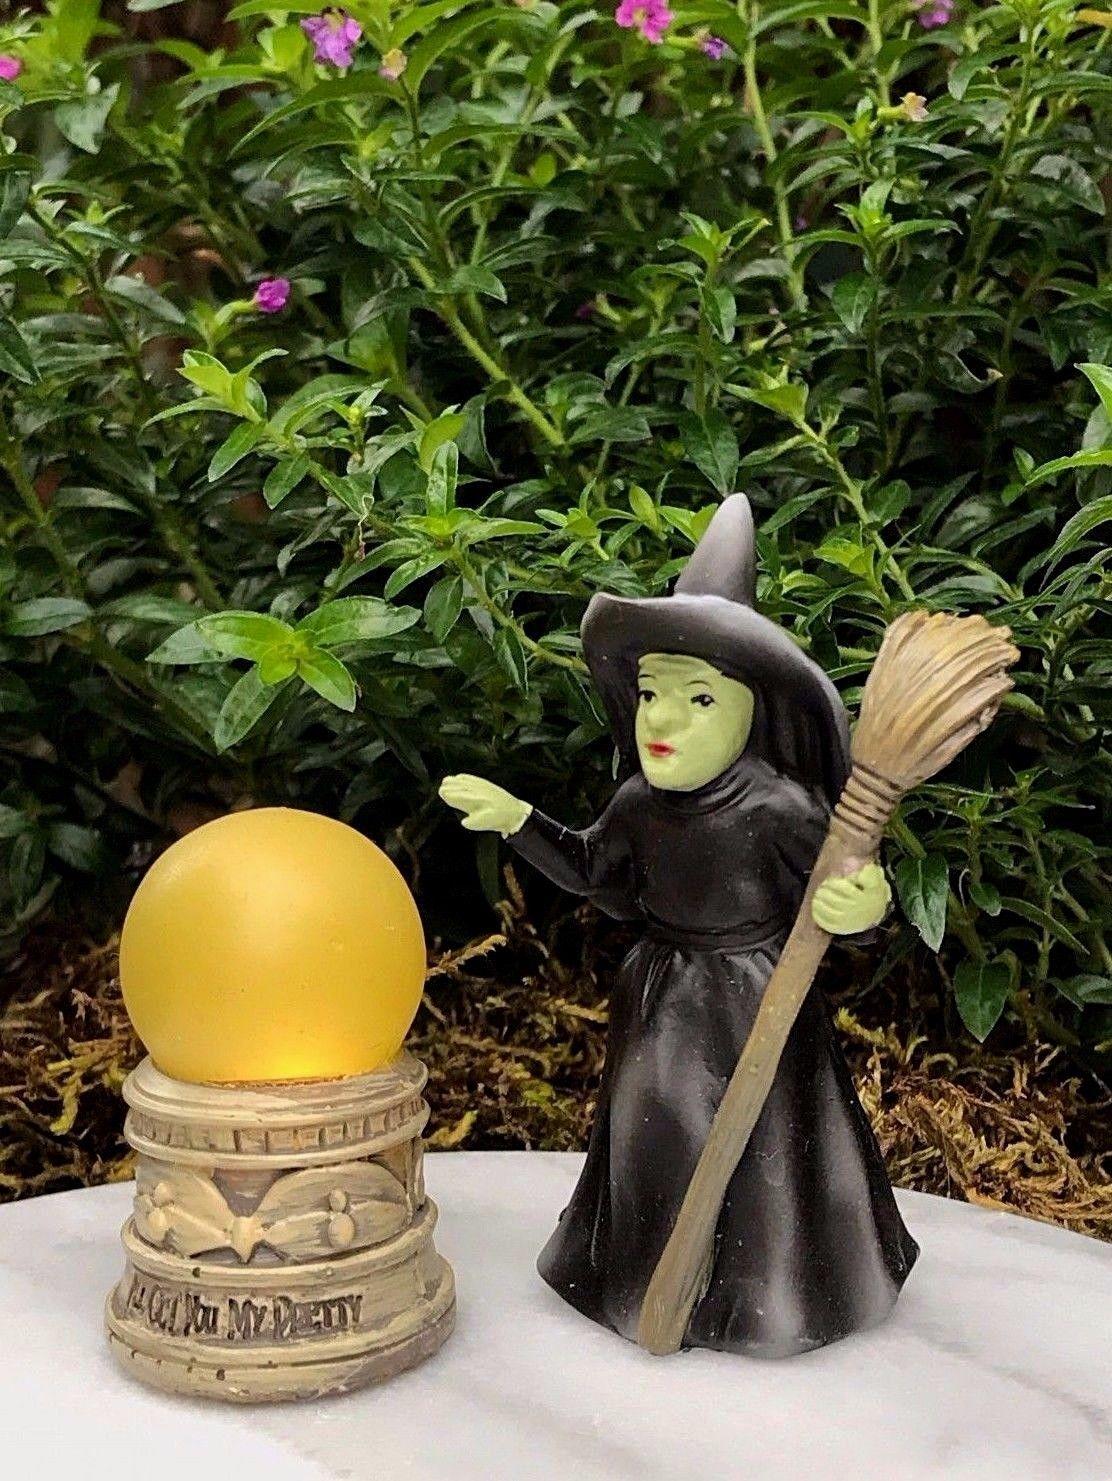 $9 56 - Miniature Dollhouse Fairy Garden Wizard Of Oz Wicked